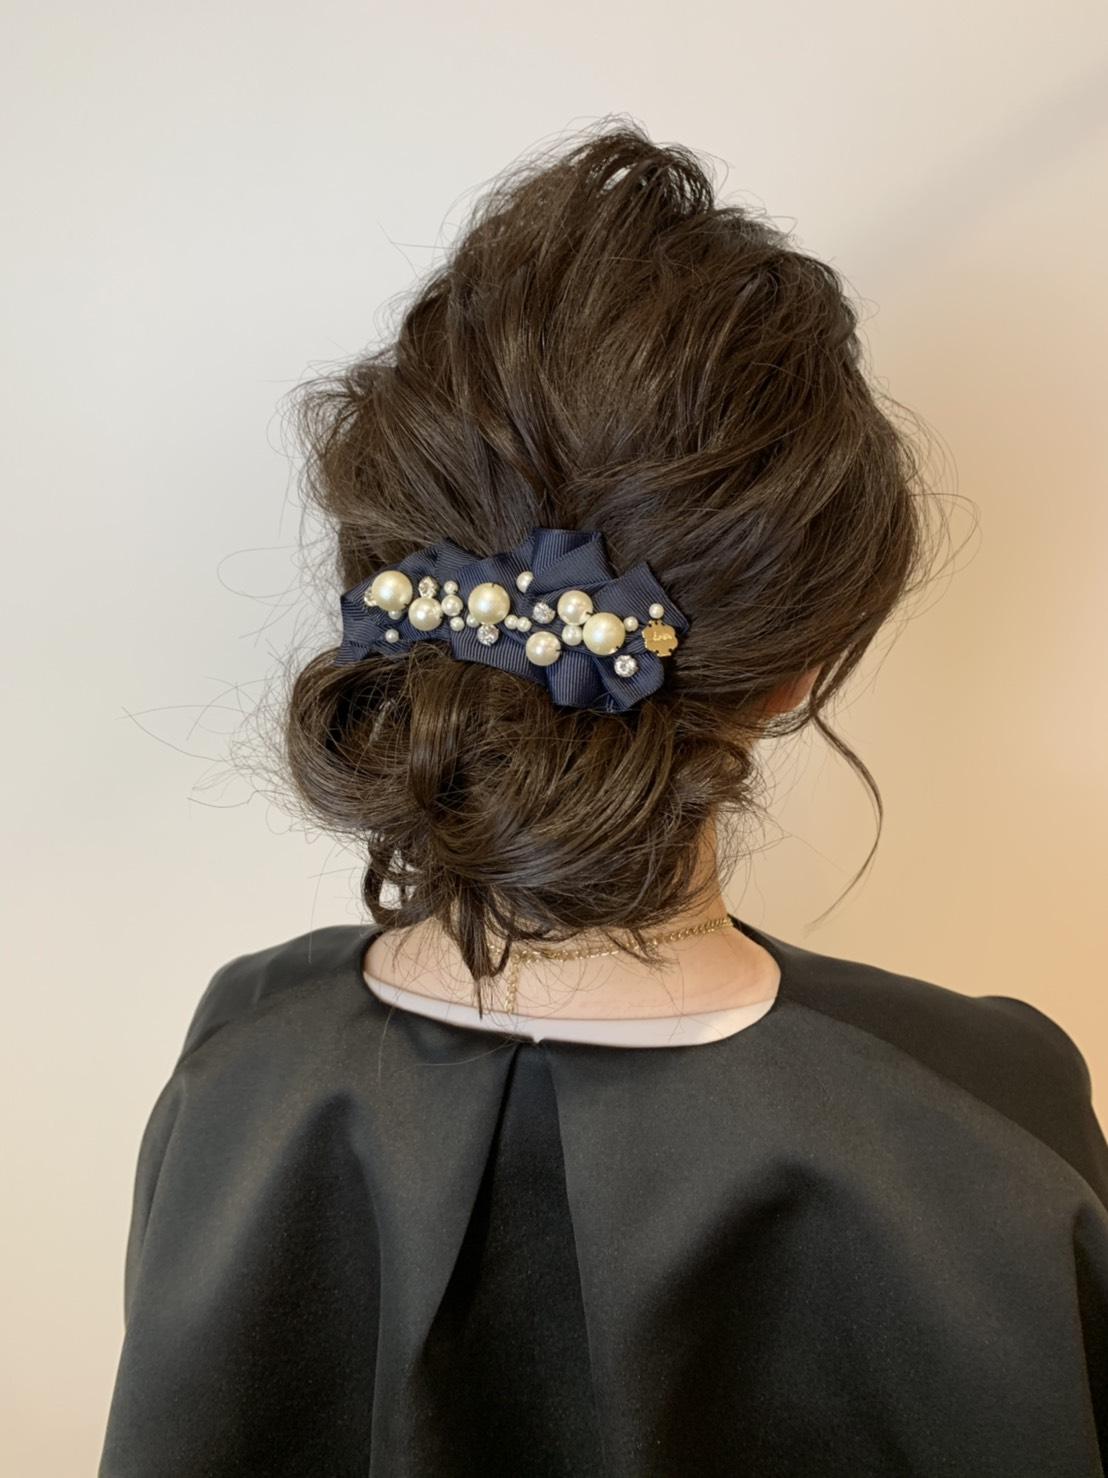 S  31023117 - Hair Gallery